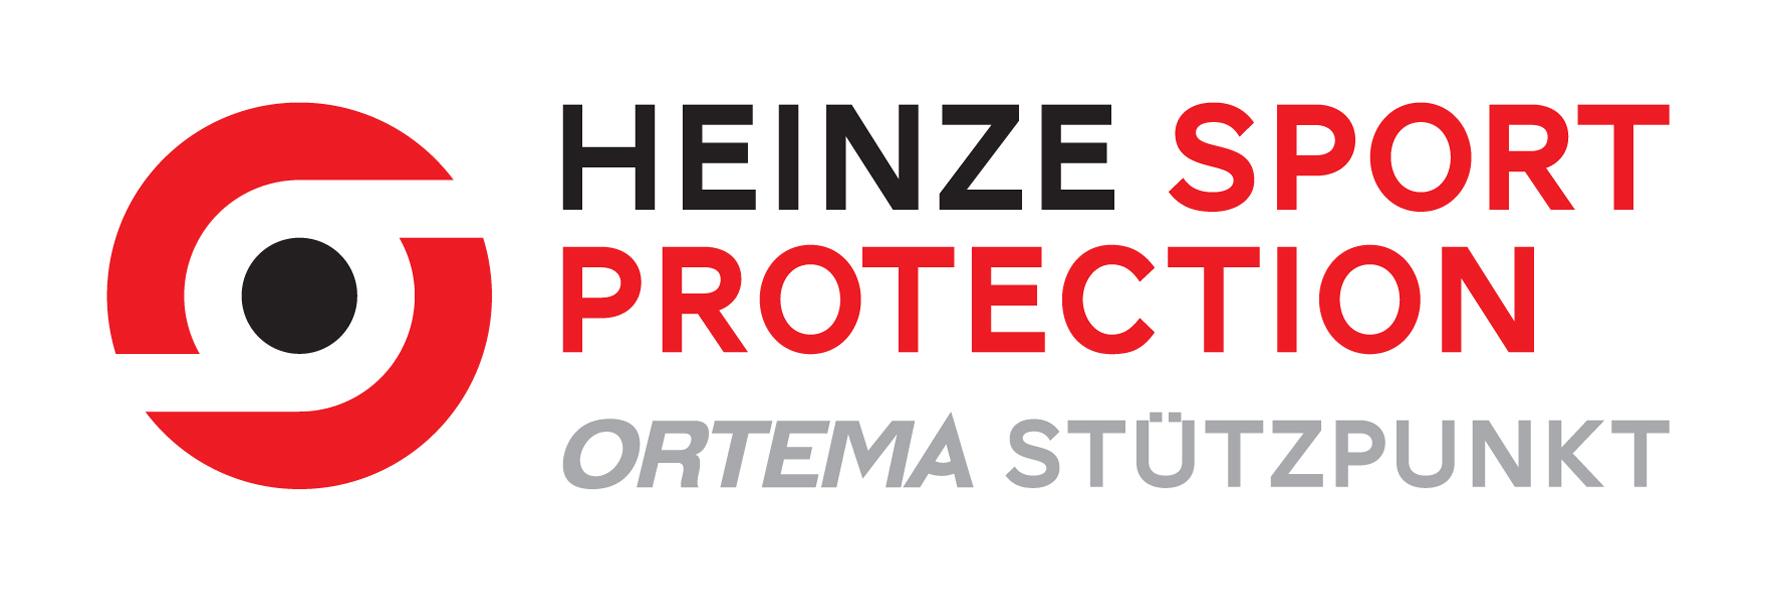 Heinze Sportprotection - Ortema Stützpunkt